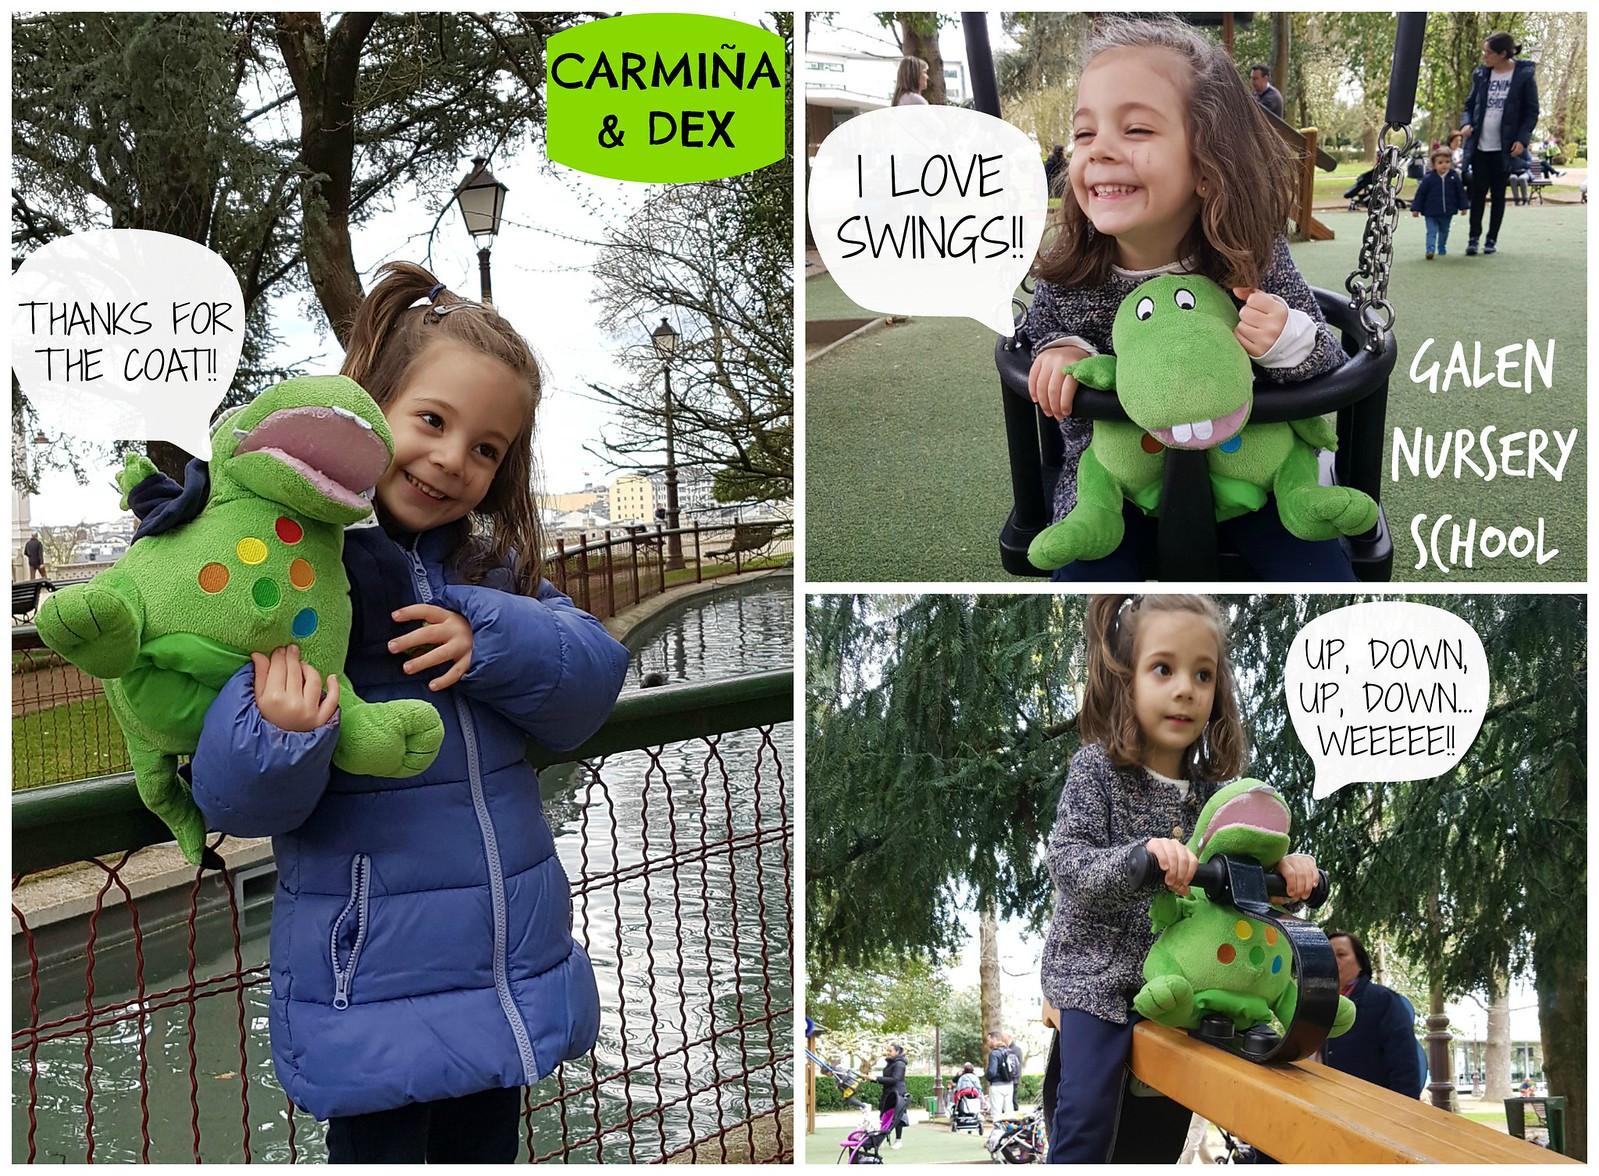 CARMIÑA & DEX